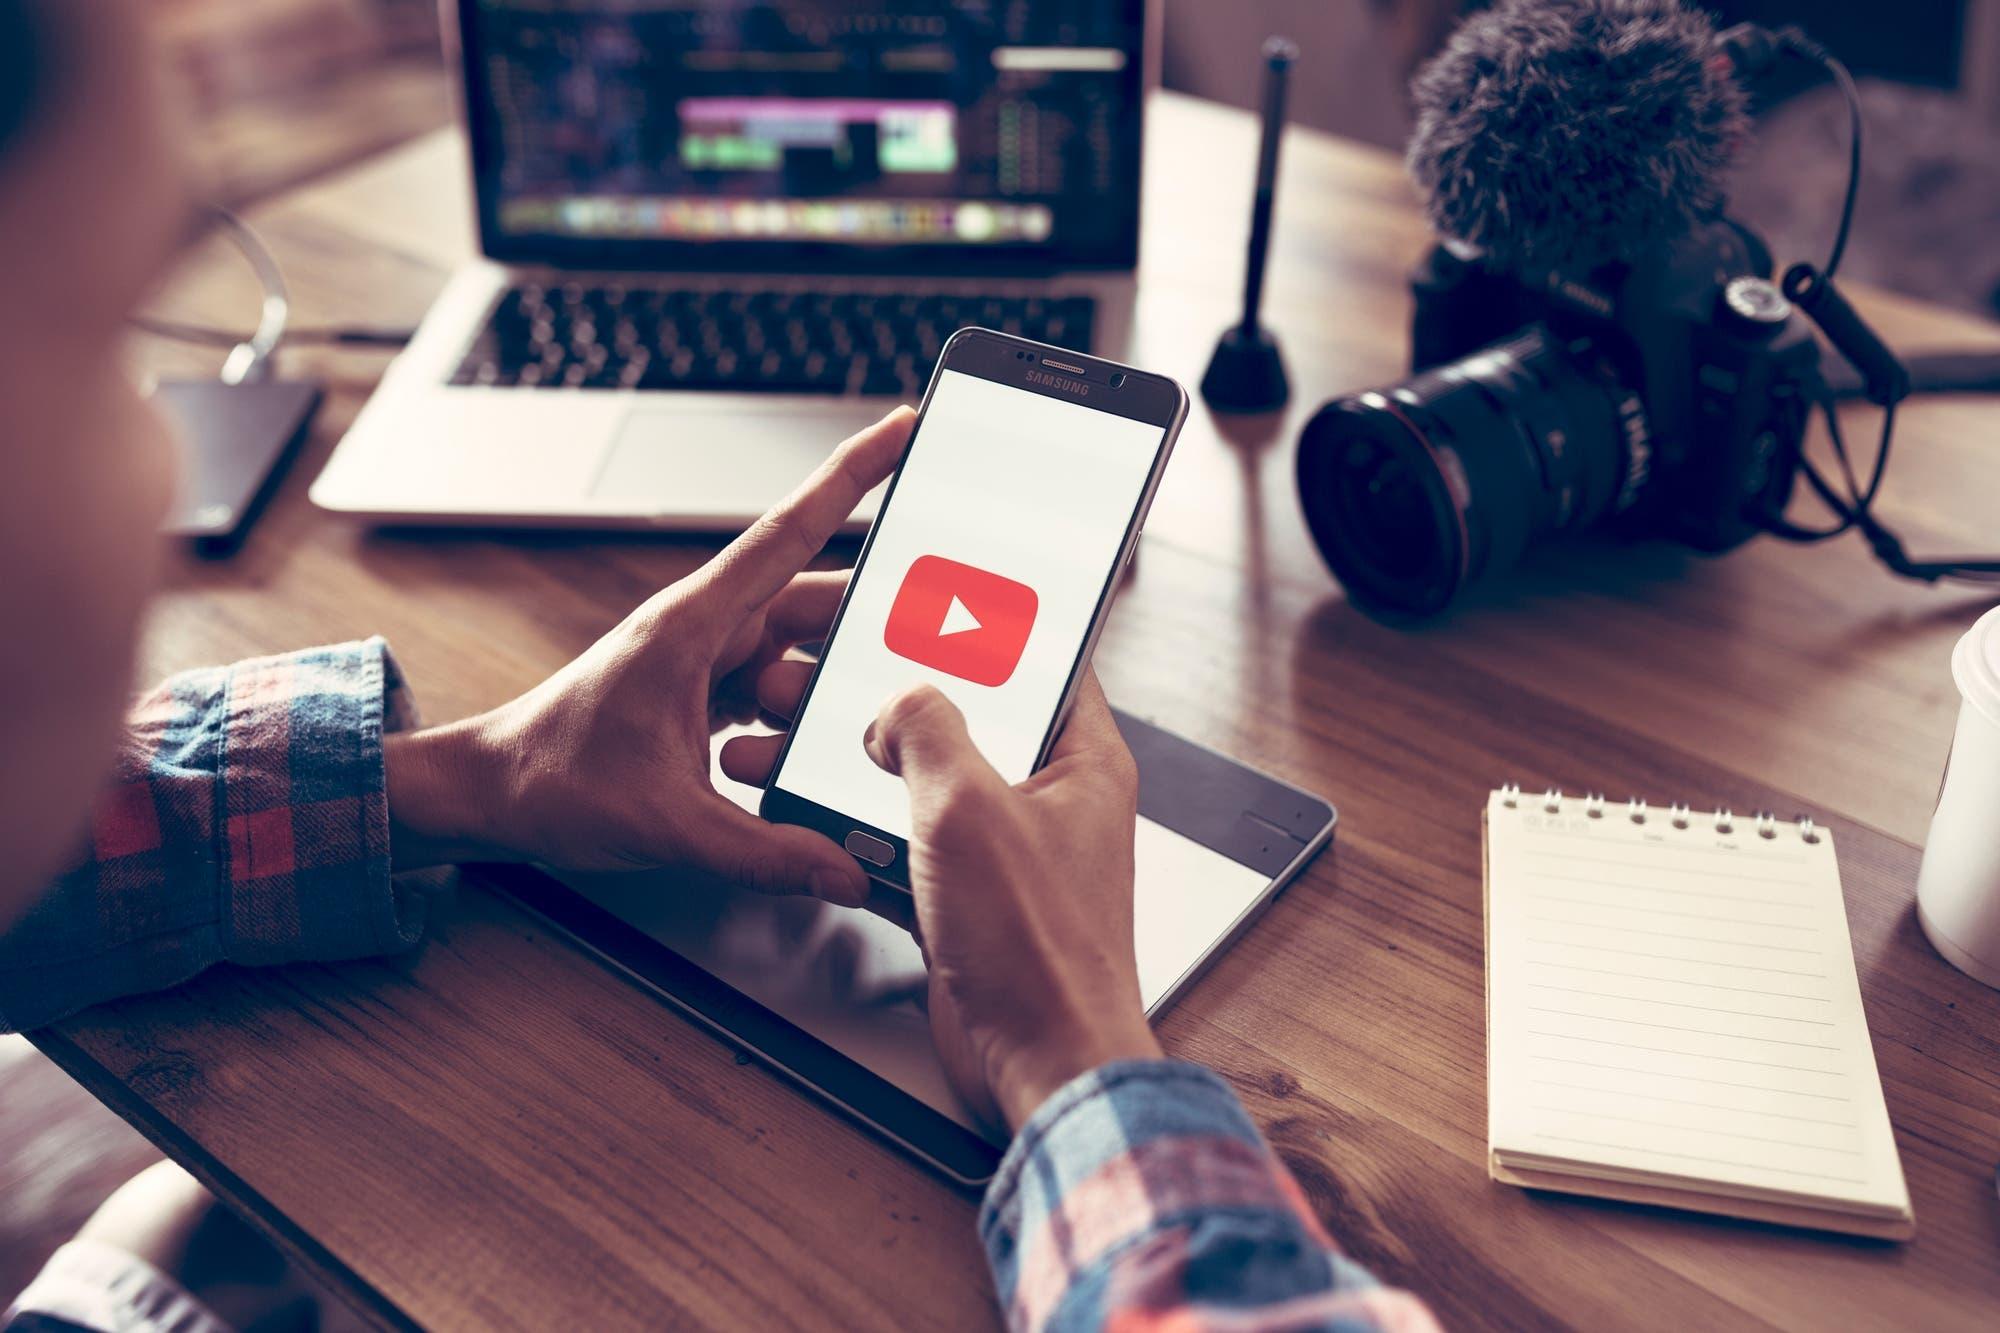 Con el apoyo de los metalúrgicos alemanes, un sindicato de youtubers desafía a Google